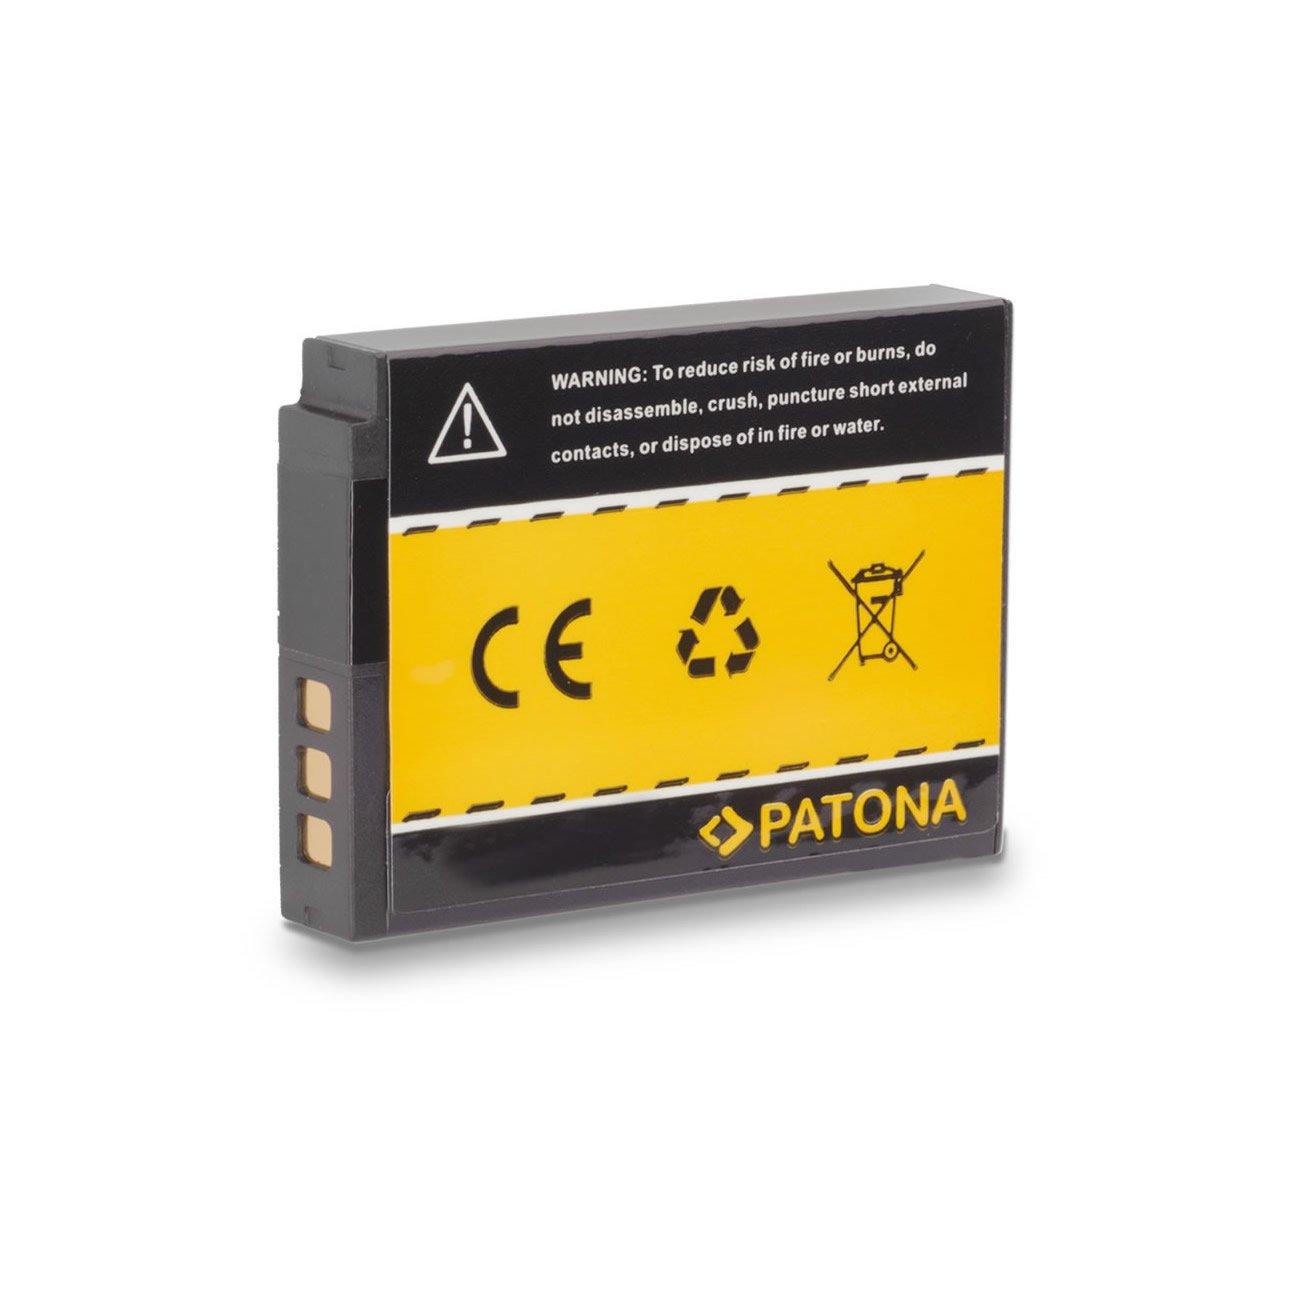 PATONA 2X Bateria EN-EL12 Compatible con Nikon CoolPix AW100 P300 S70 S610 S800c S1000pj